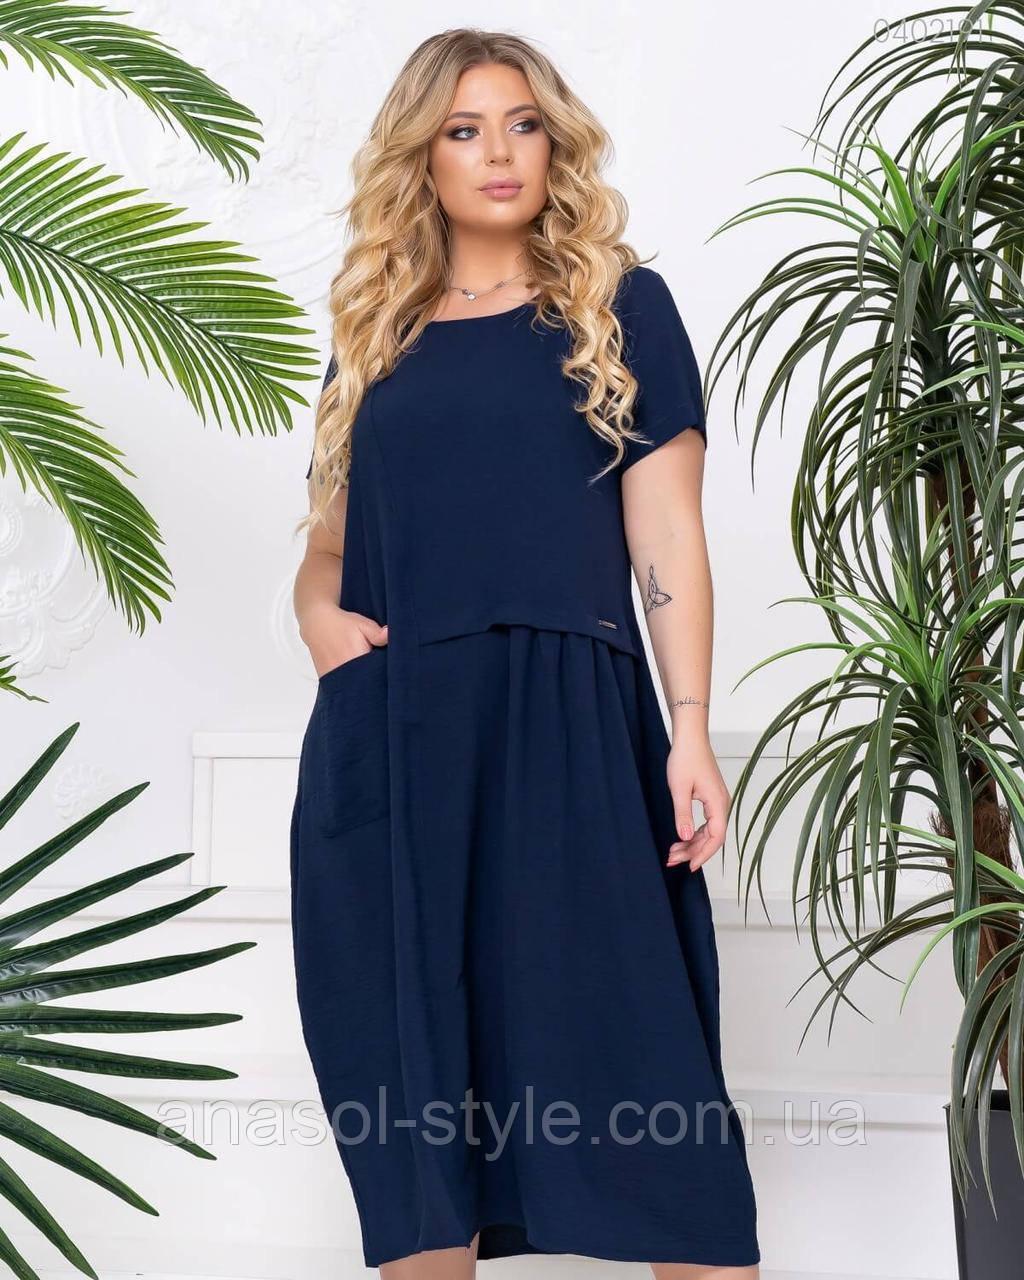 Шикарное летнее платье-баллон большого размера Картиньи темно-синий